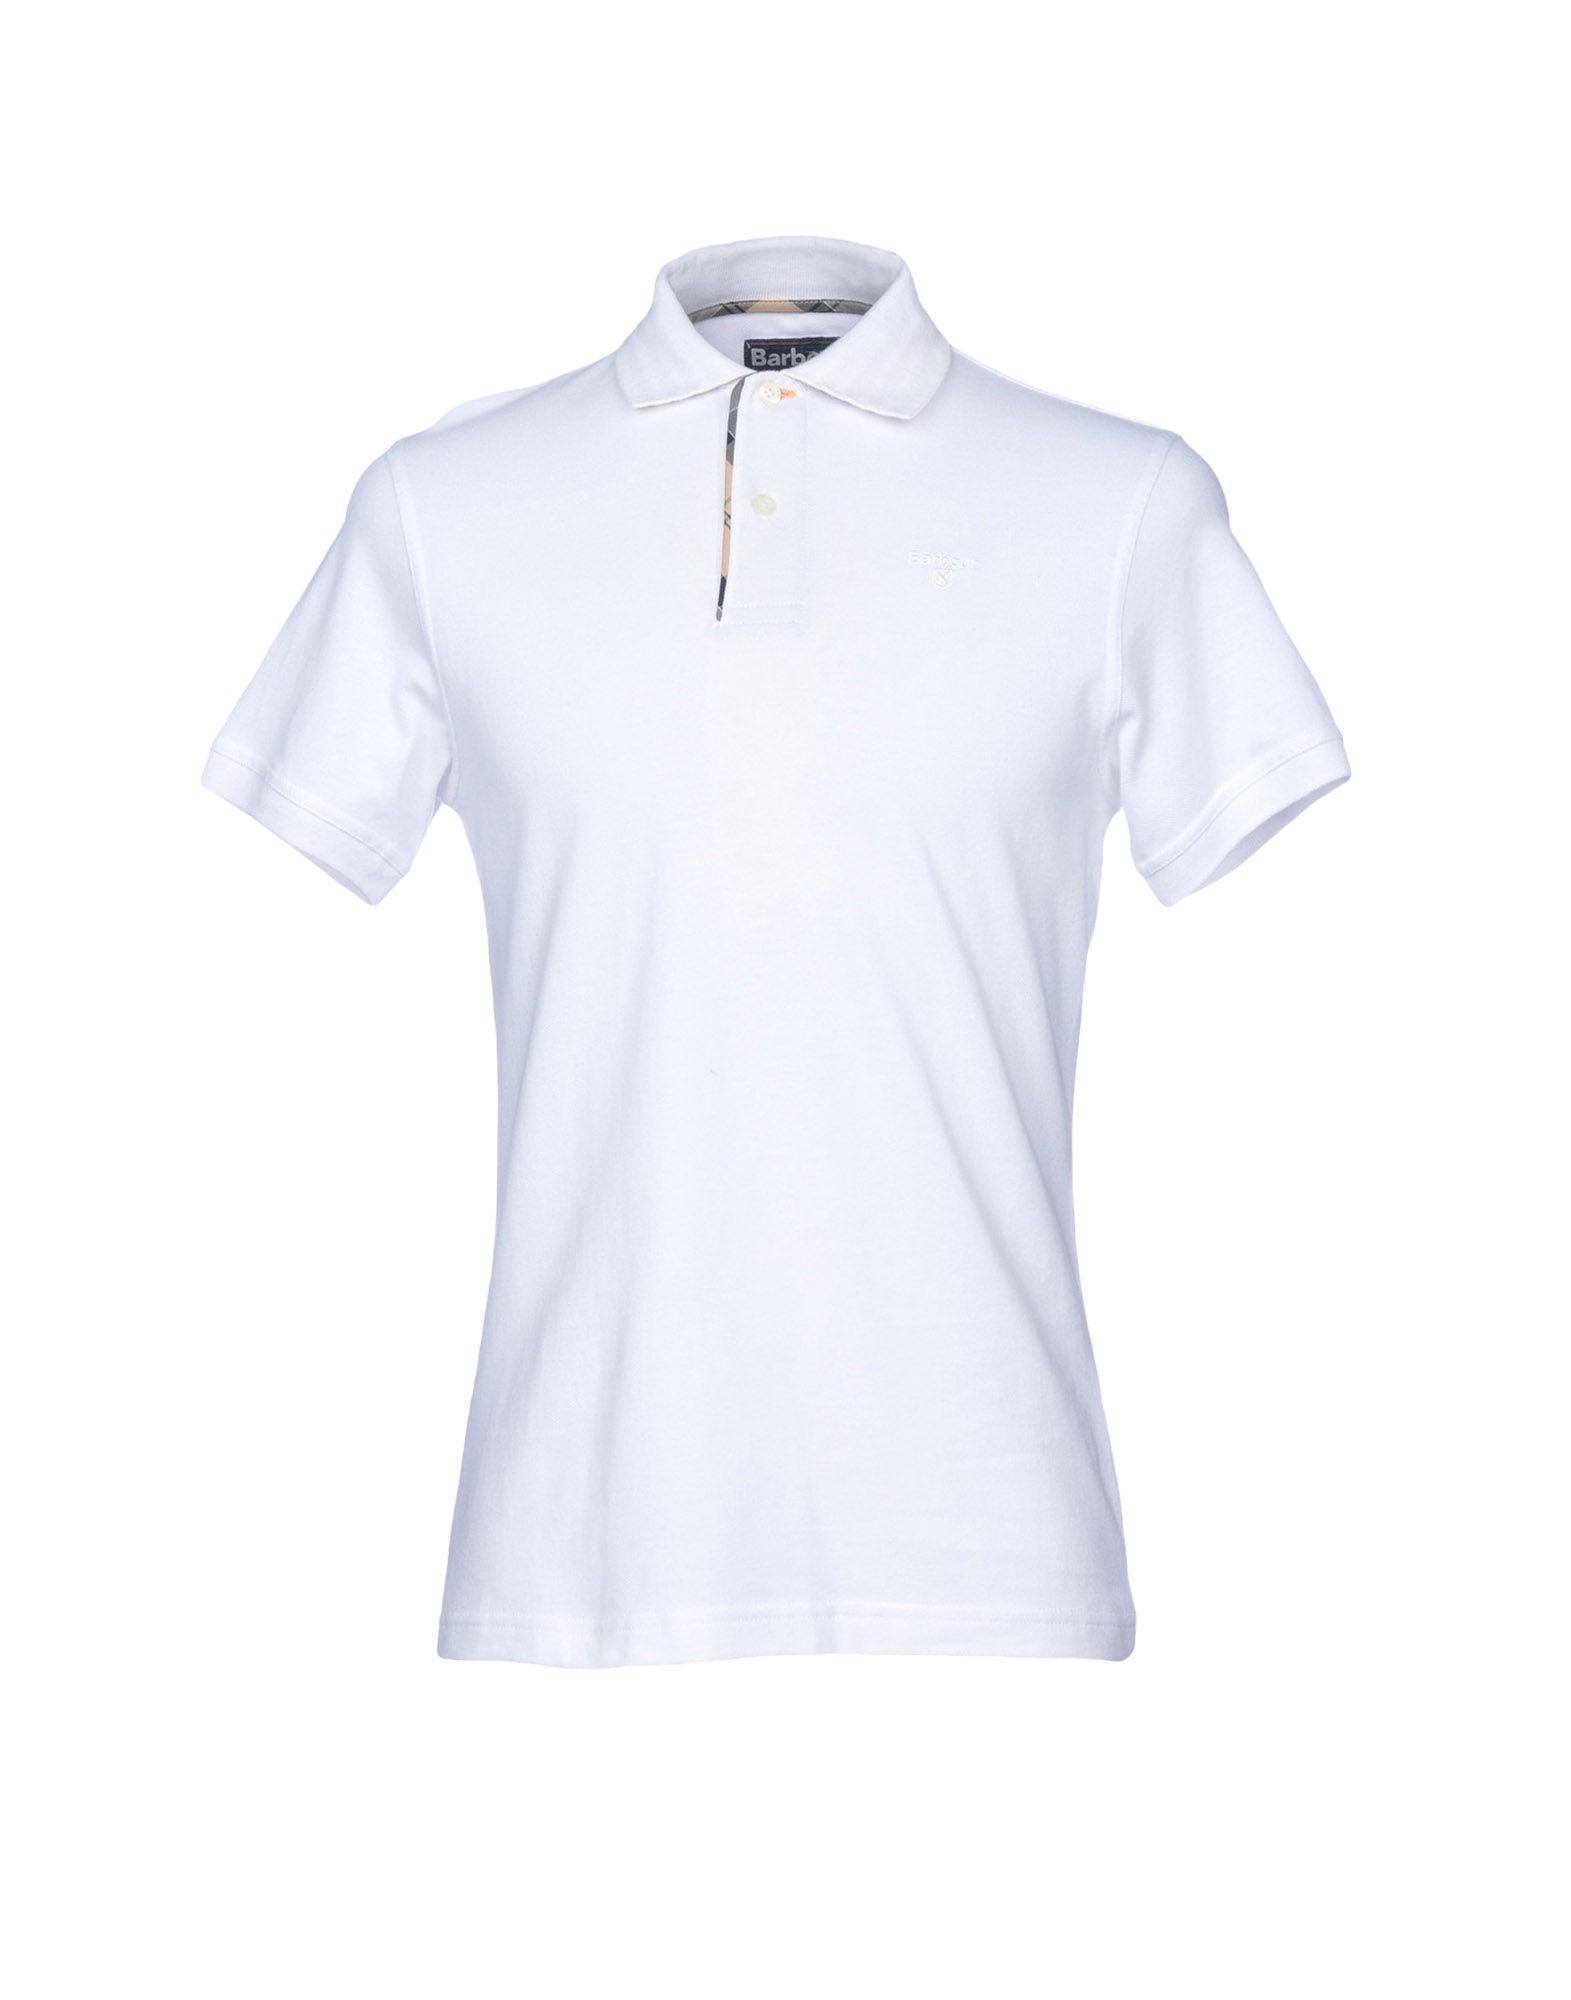 BARBOUR Поло футболка barbour lts0105 aq31